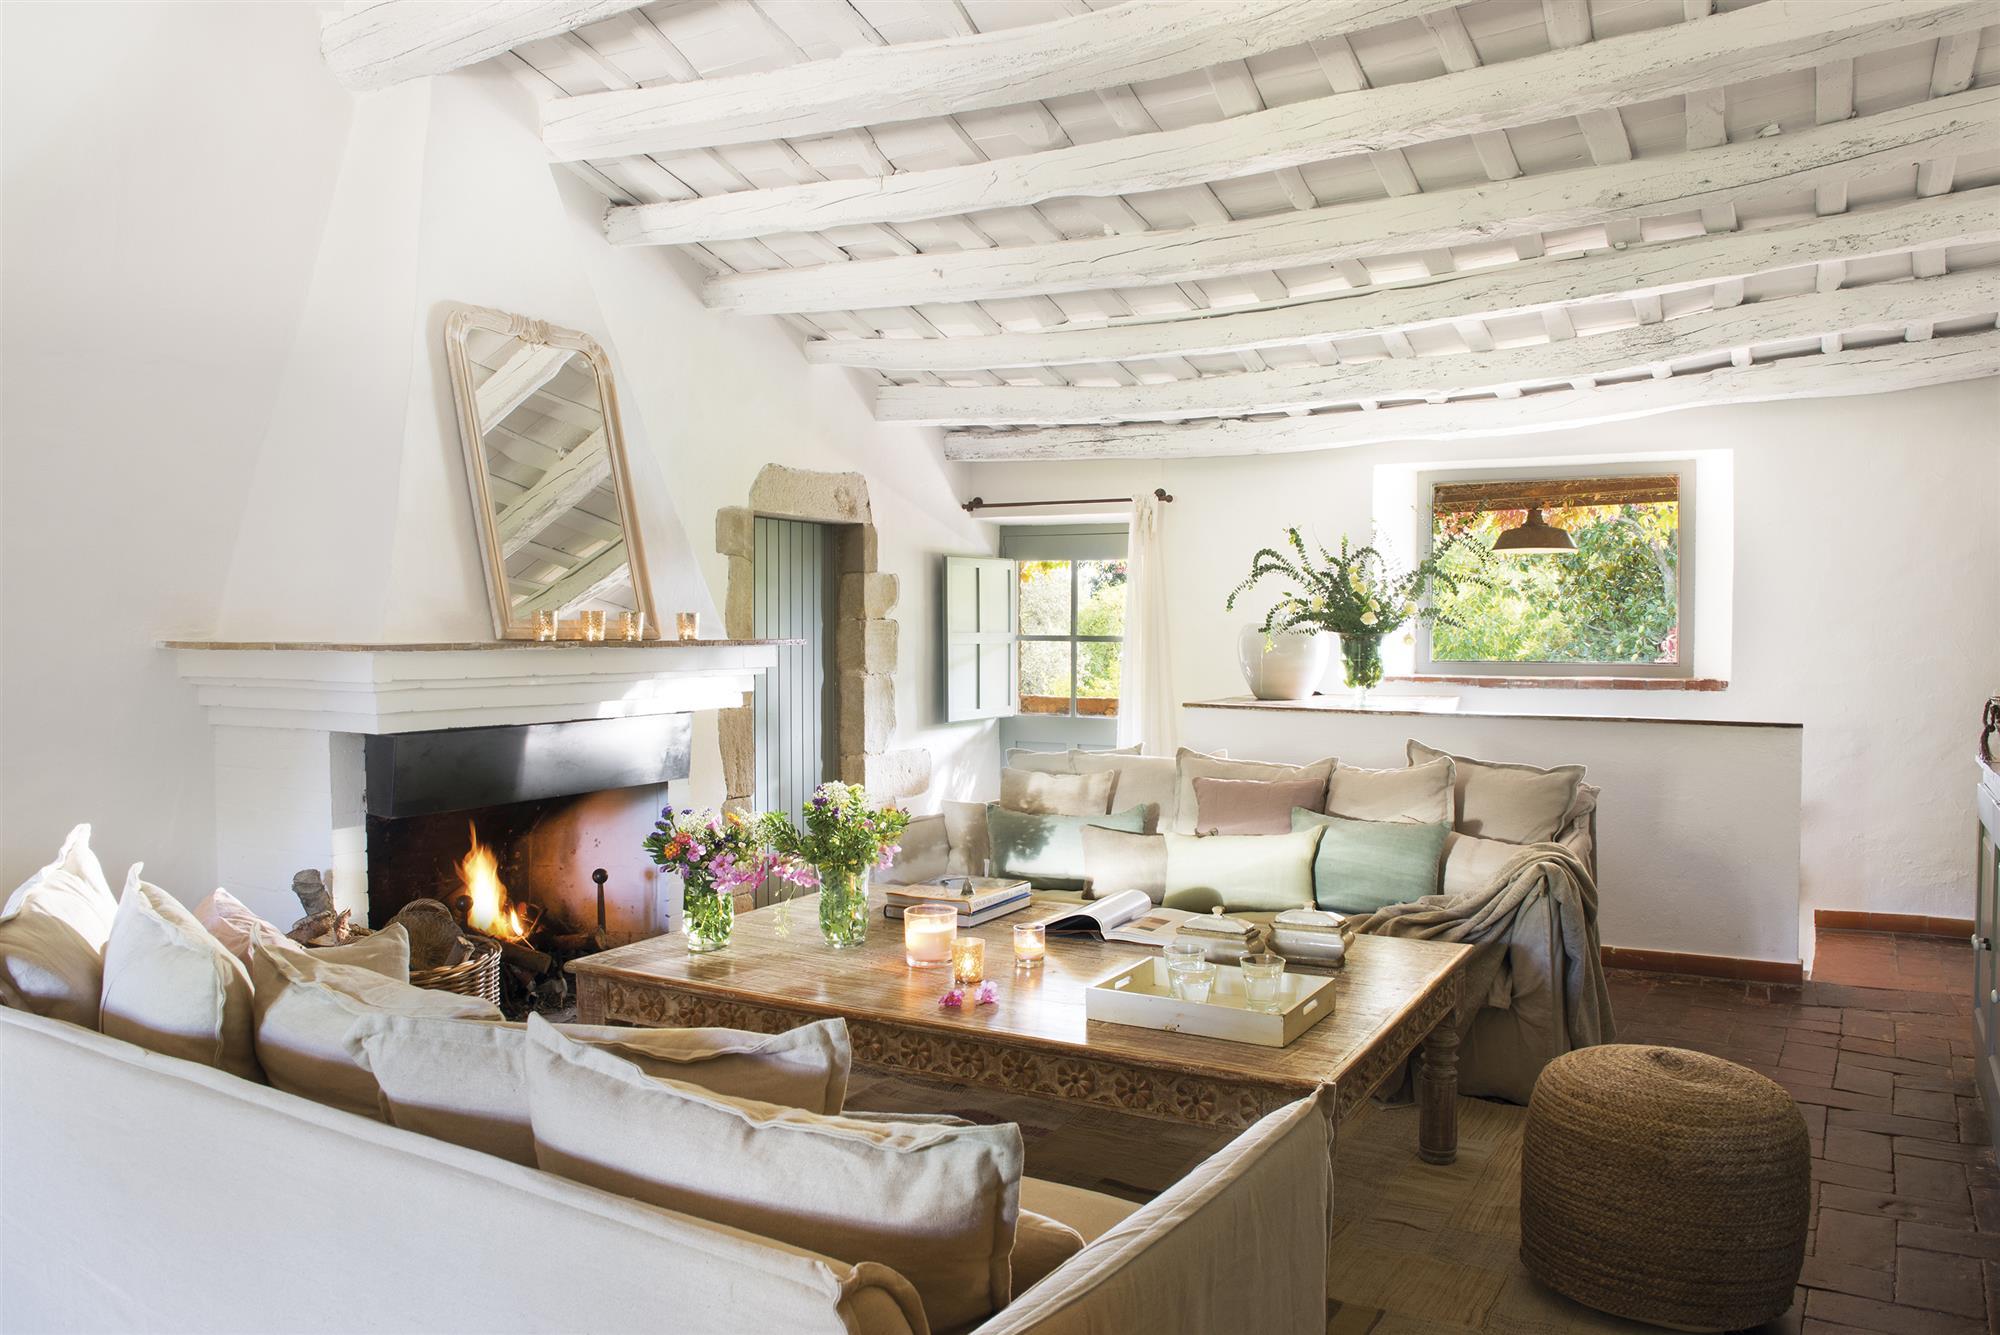 DSC7549. Salón de estilo rústico con sofás blancos y cojines de colores